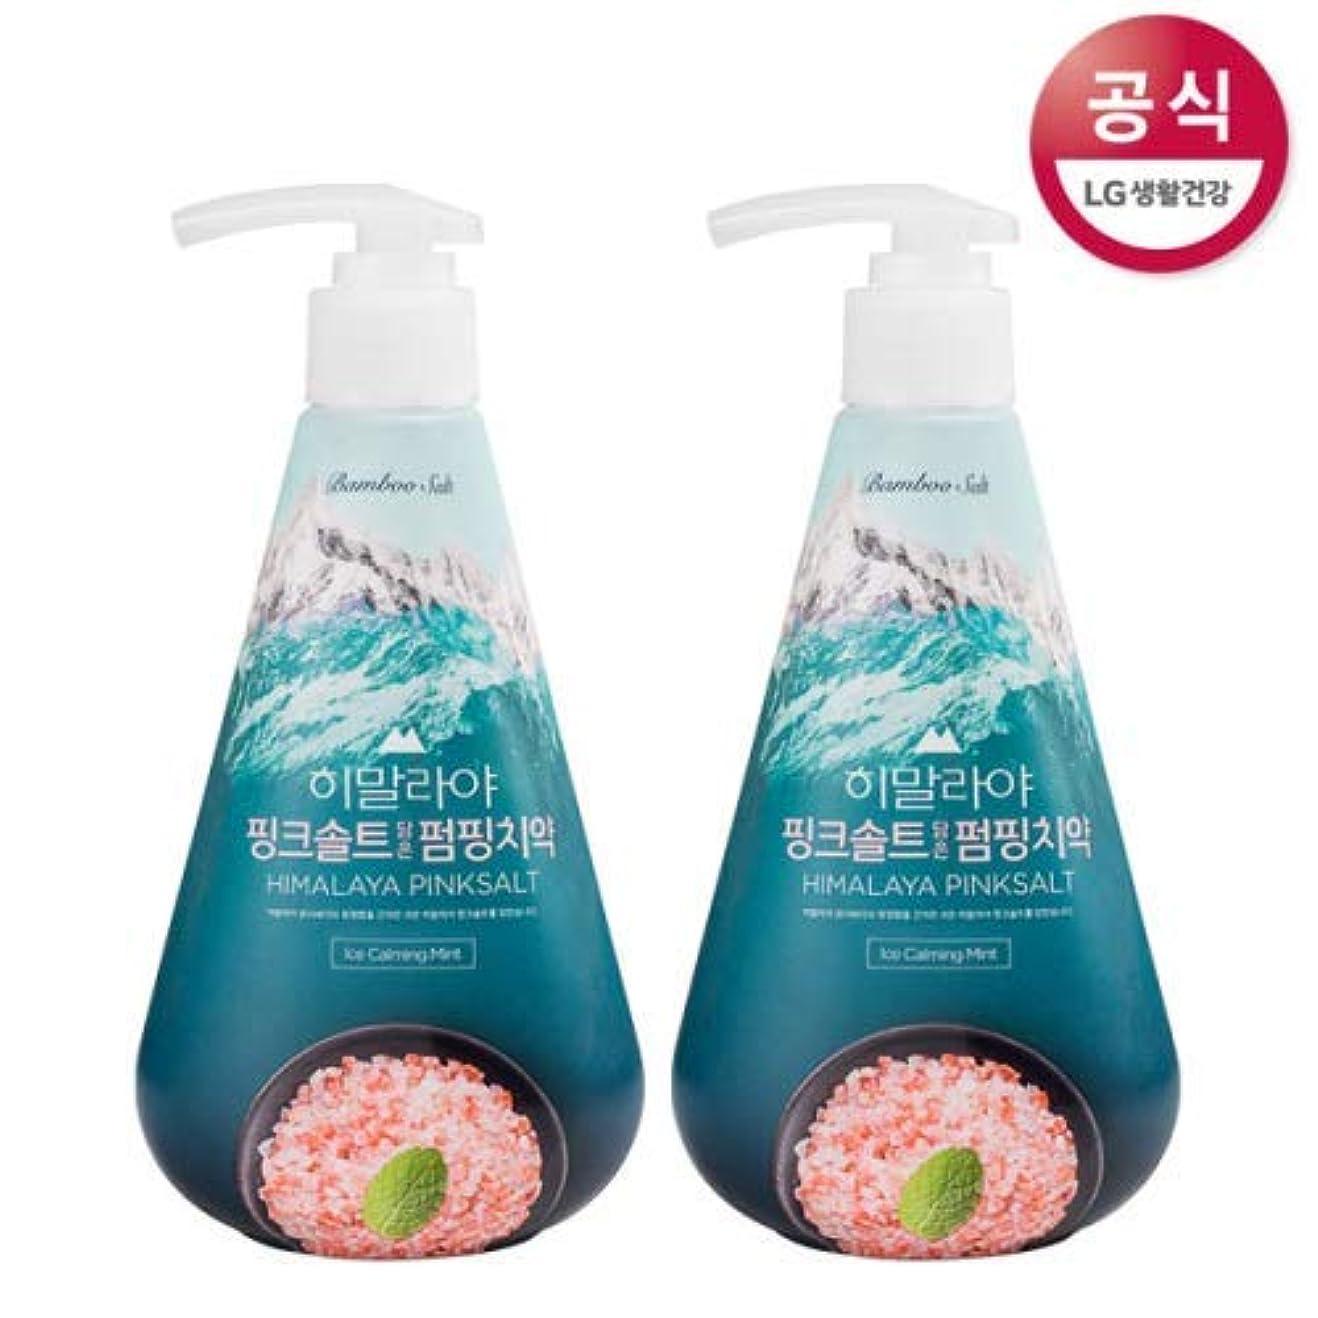 二度とげのある傾向がある[LG Care/LG生活健康]ヒマラヤピンクソルトポンピング歯磨き粉アイスカミングミント285gx2個/歯磨きセットスペシャル?リミテッドToothpaste Set Special Limited Korea(海外直送品)